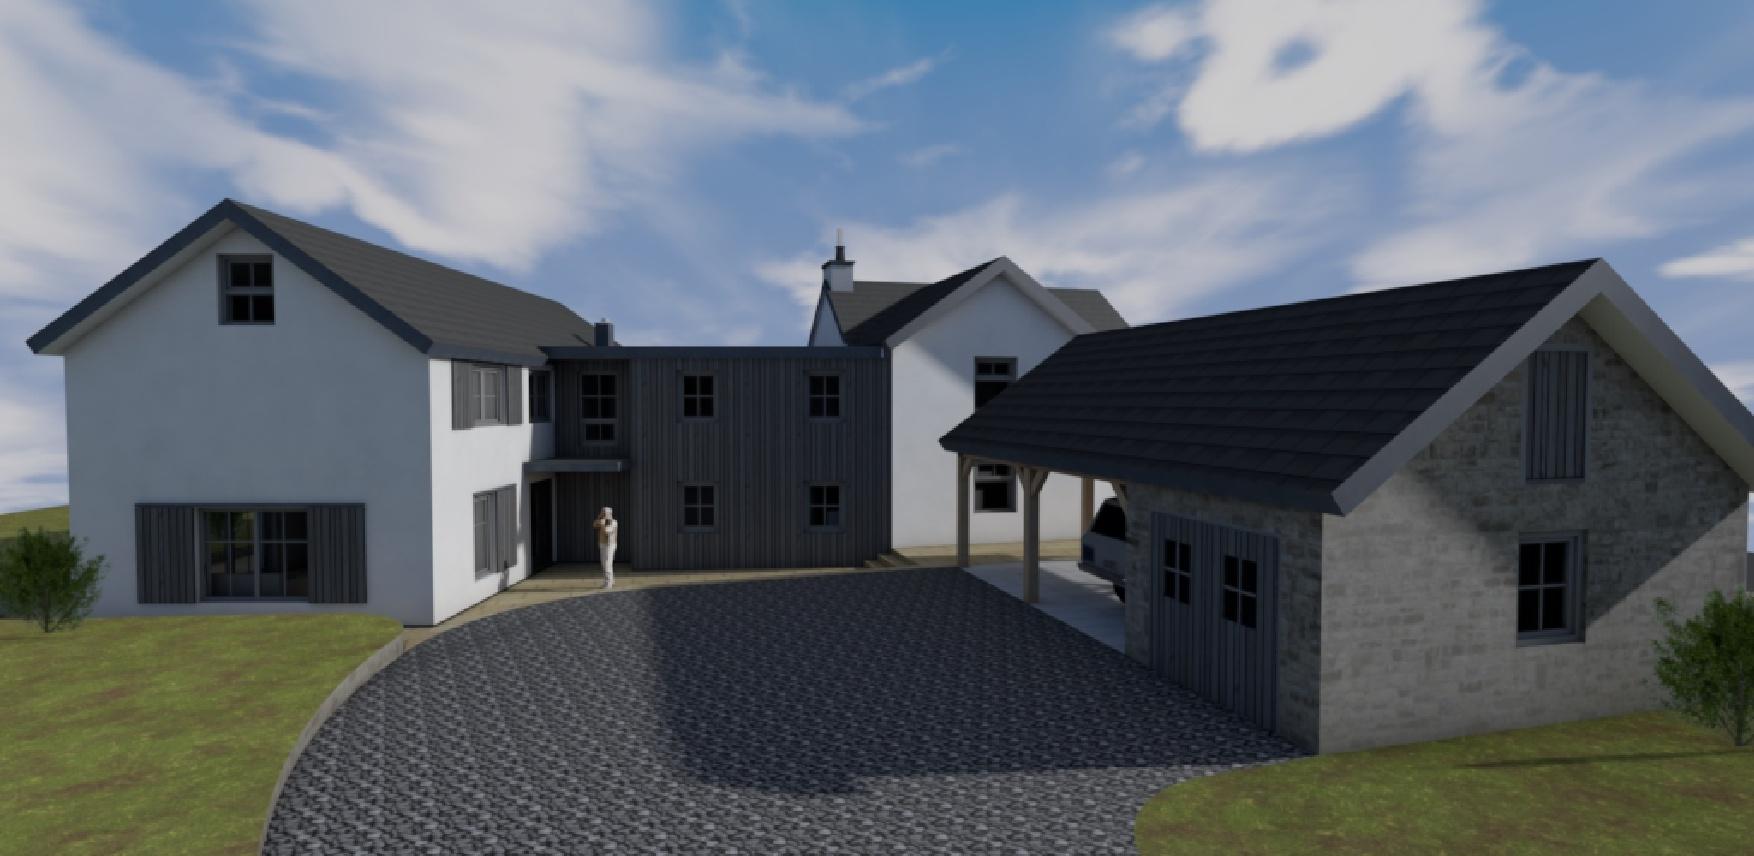 Visualisierung, Teilabbruch und Neubau Wohnhaus mit Garage in Rynys - Nordansicht